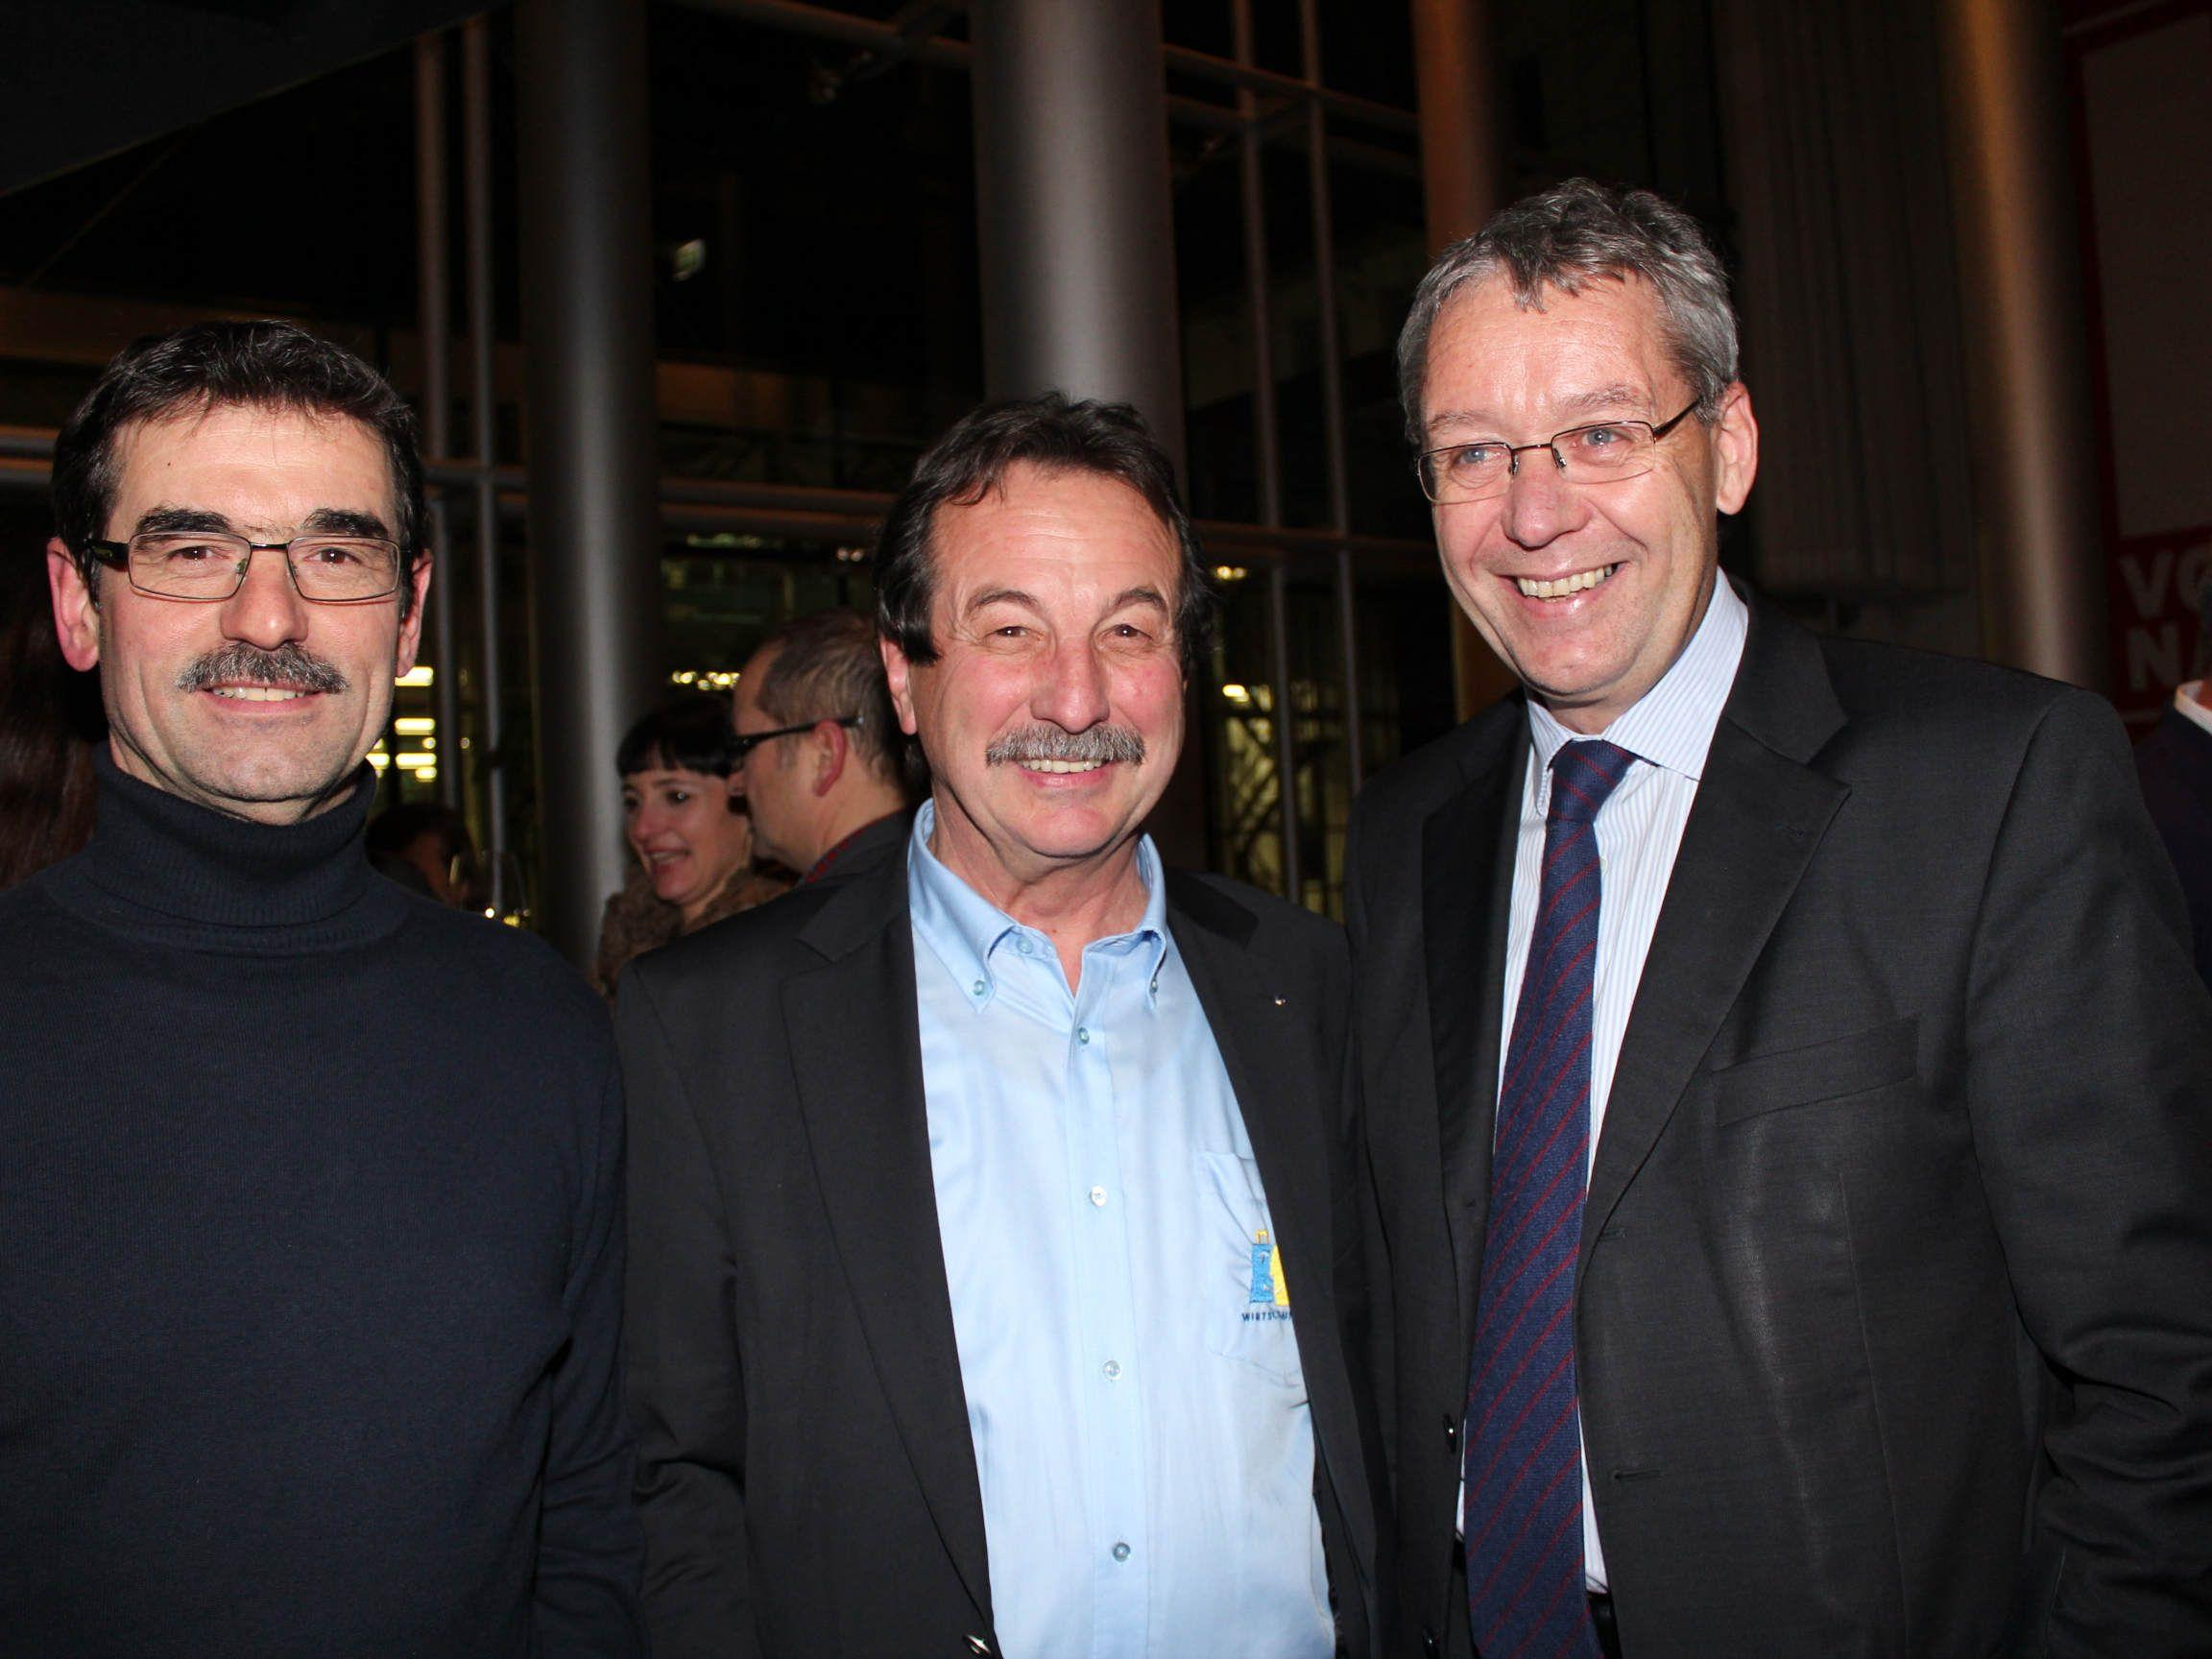 Josef Muxel, LStH Karlheinz Rüdisser und KR Walter Eberle